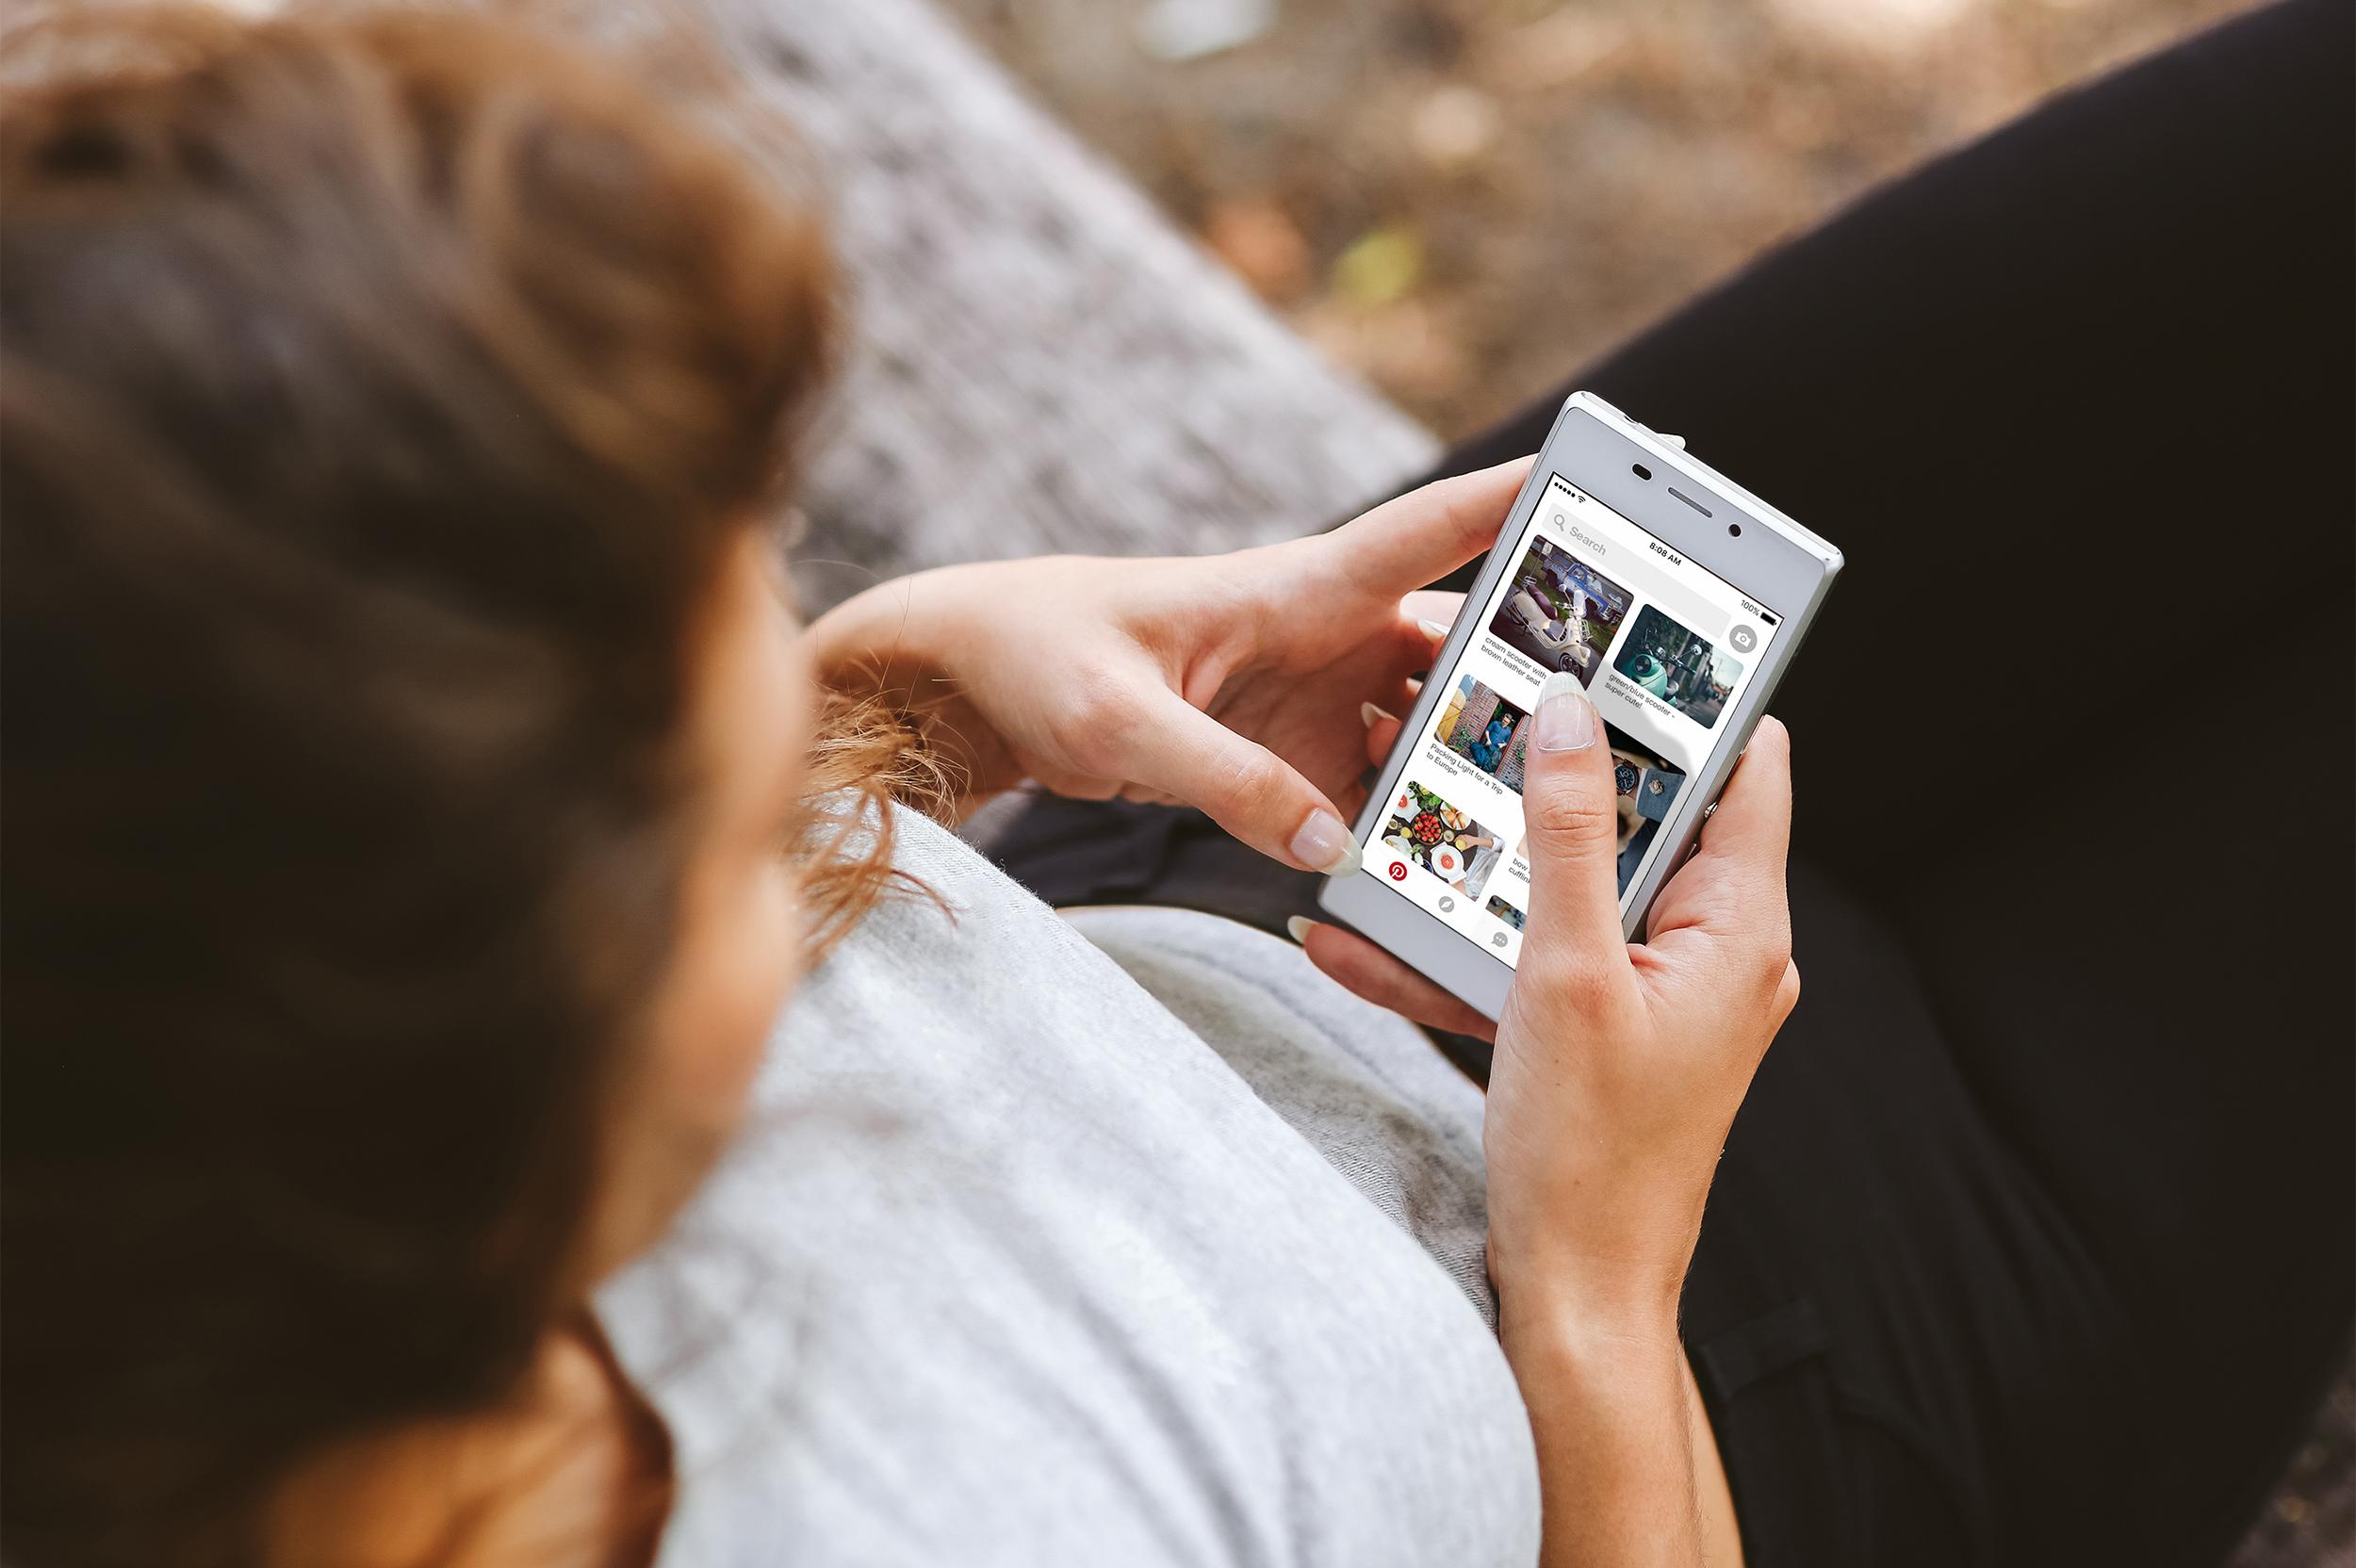 Utiliser Pinterest pour développer sa marque - Trendy Mood